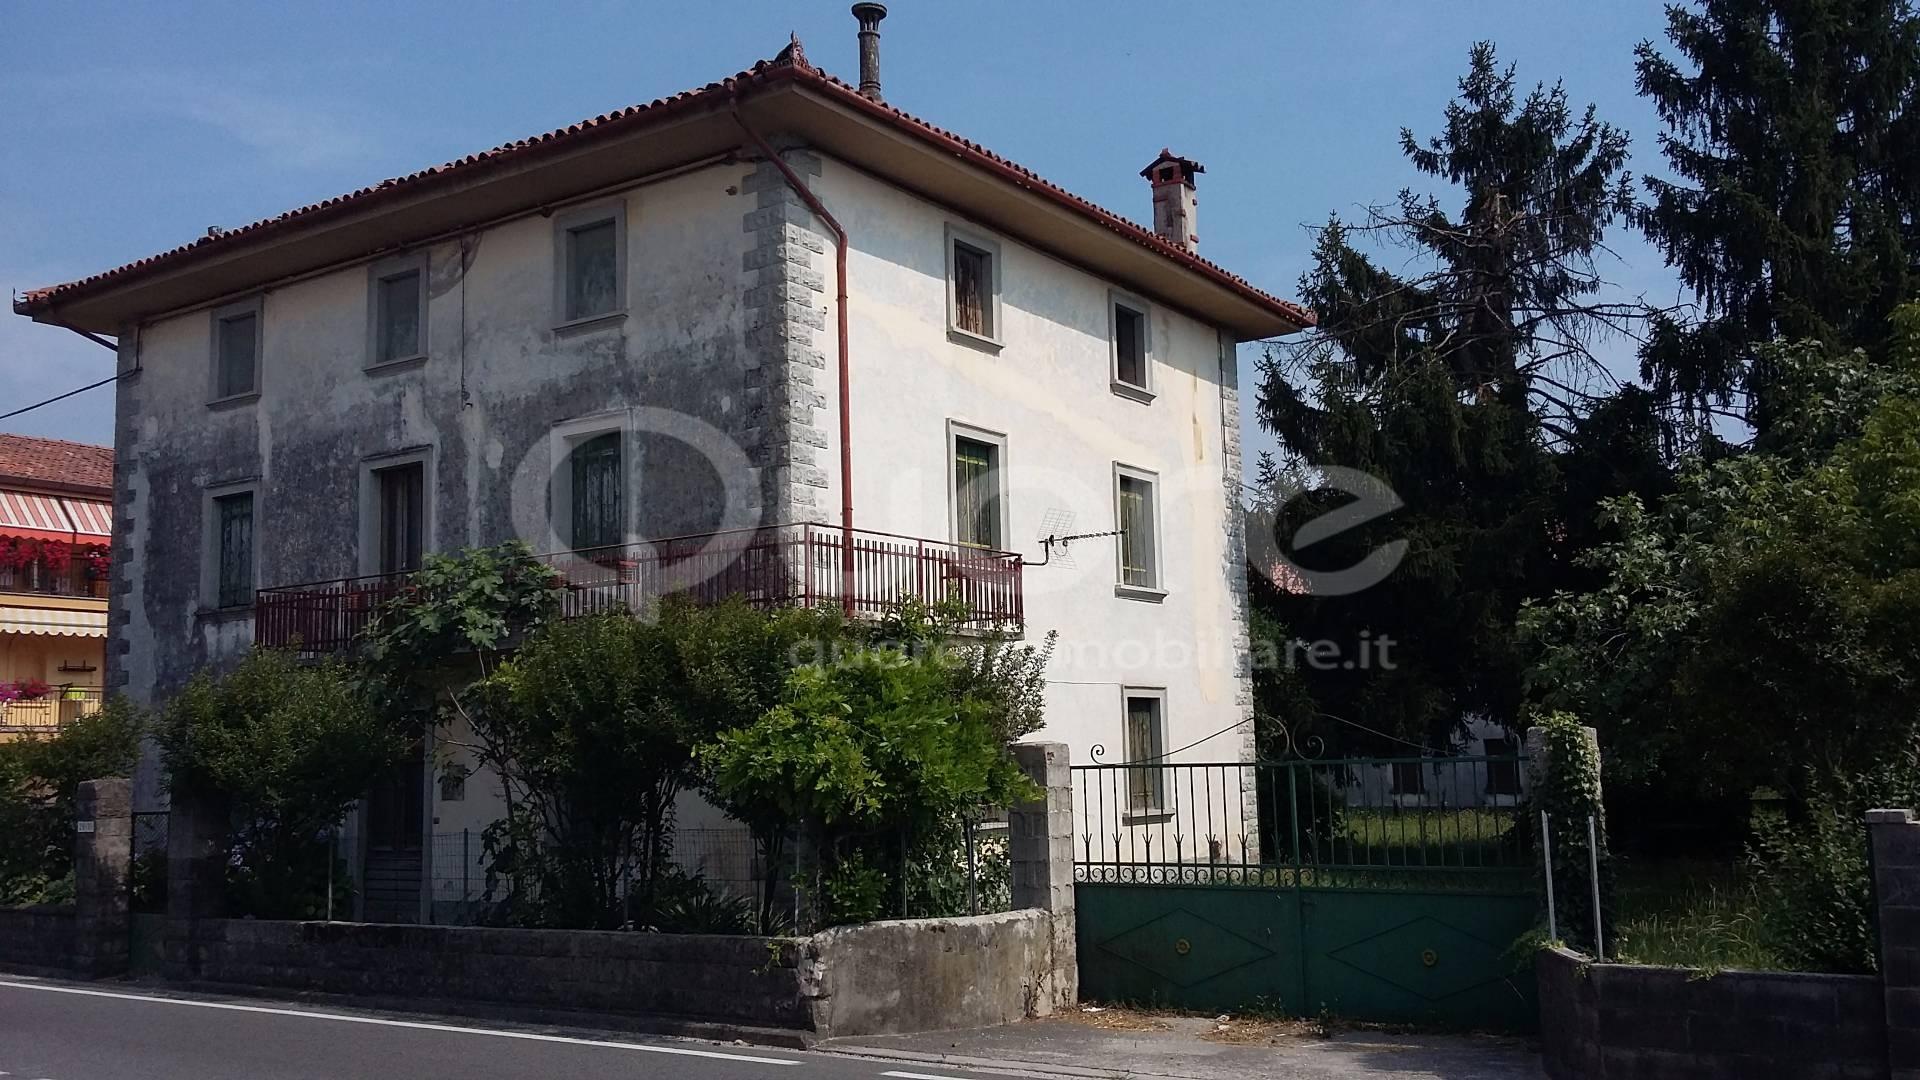 Soluzione Indipendente in vendita a San Vito di Fagagna, 8 locali, prezzo € 230.000 | CambioCasa.it